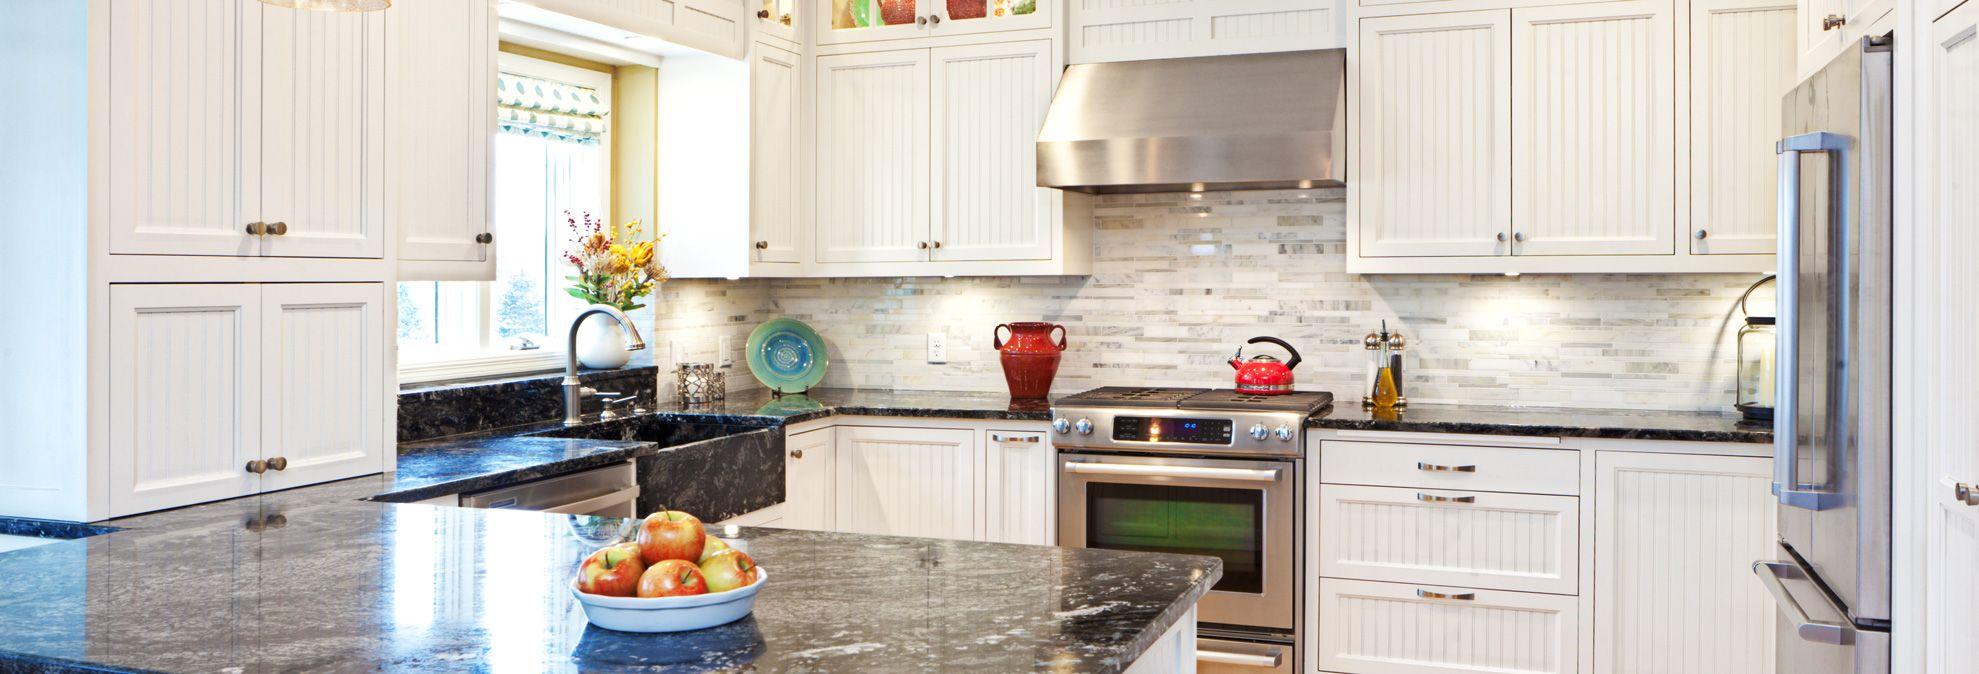 Best Premium Appliance Suites Of 2019 Basic Kitchen Kitchen